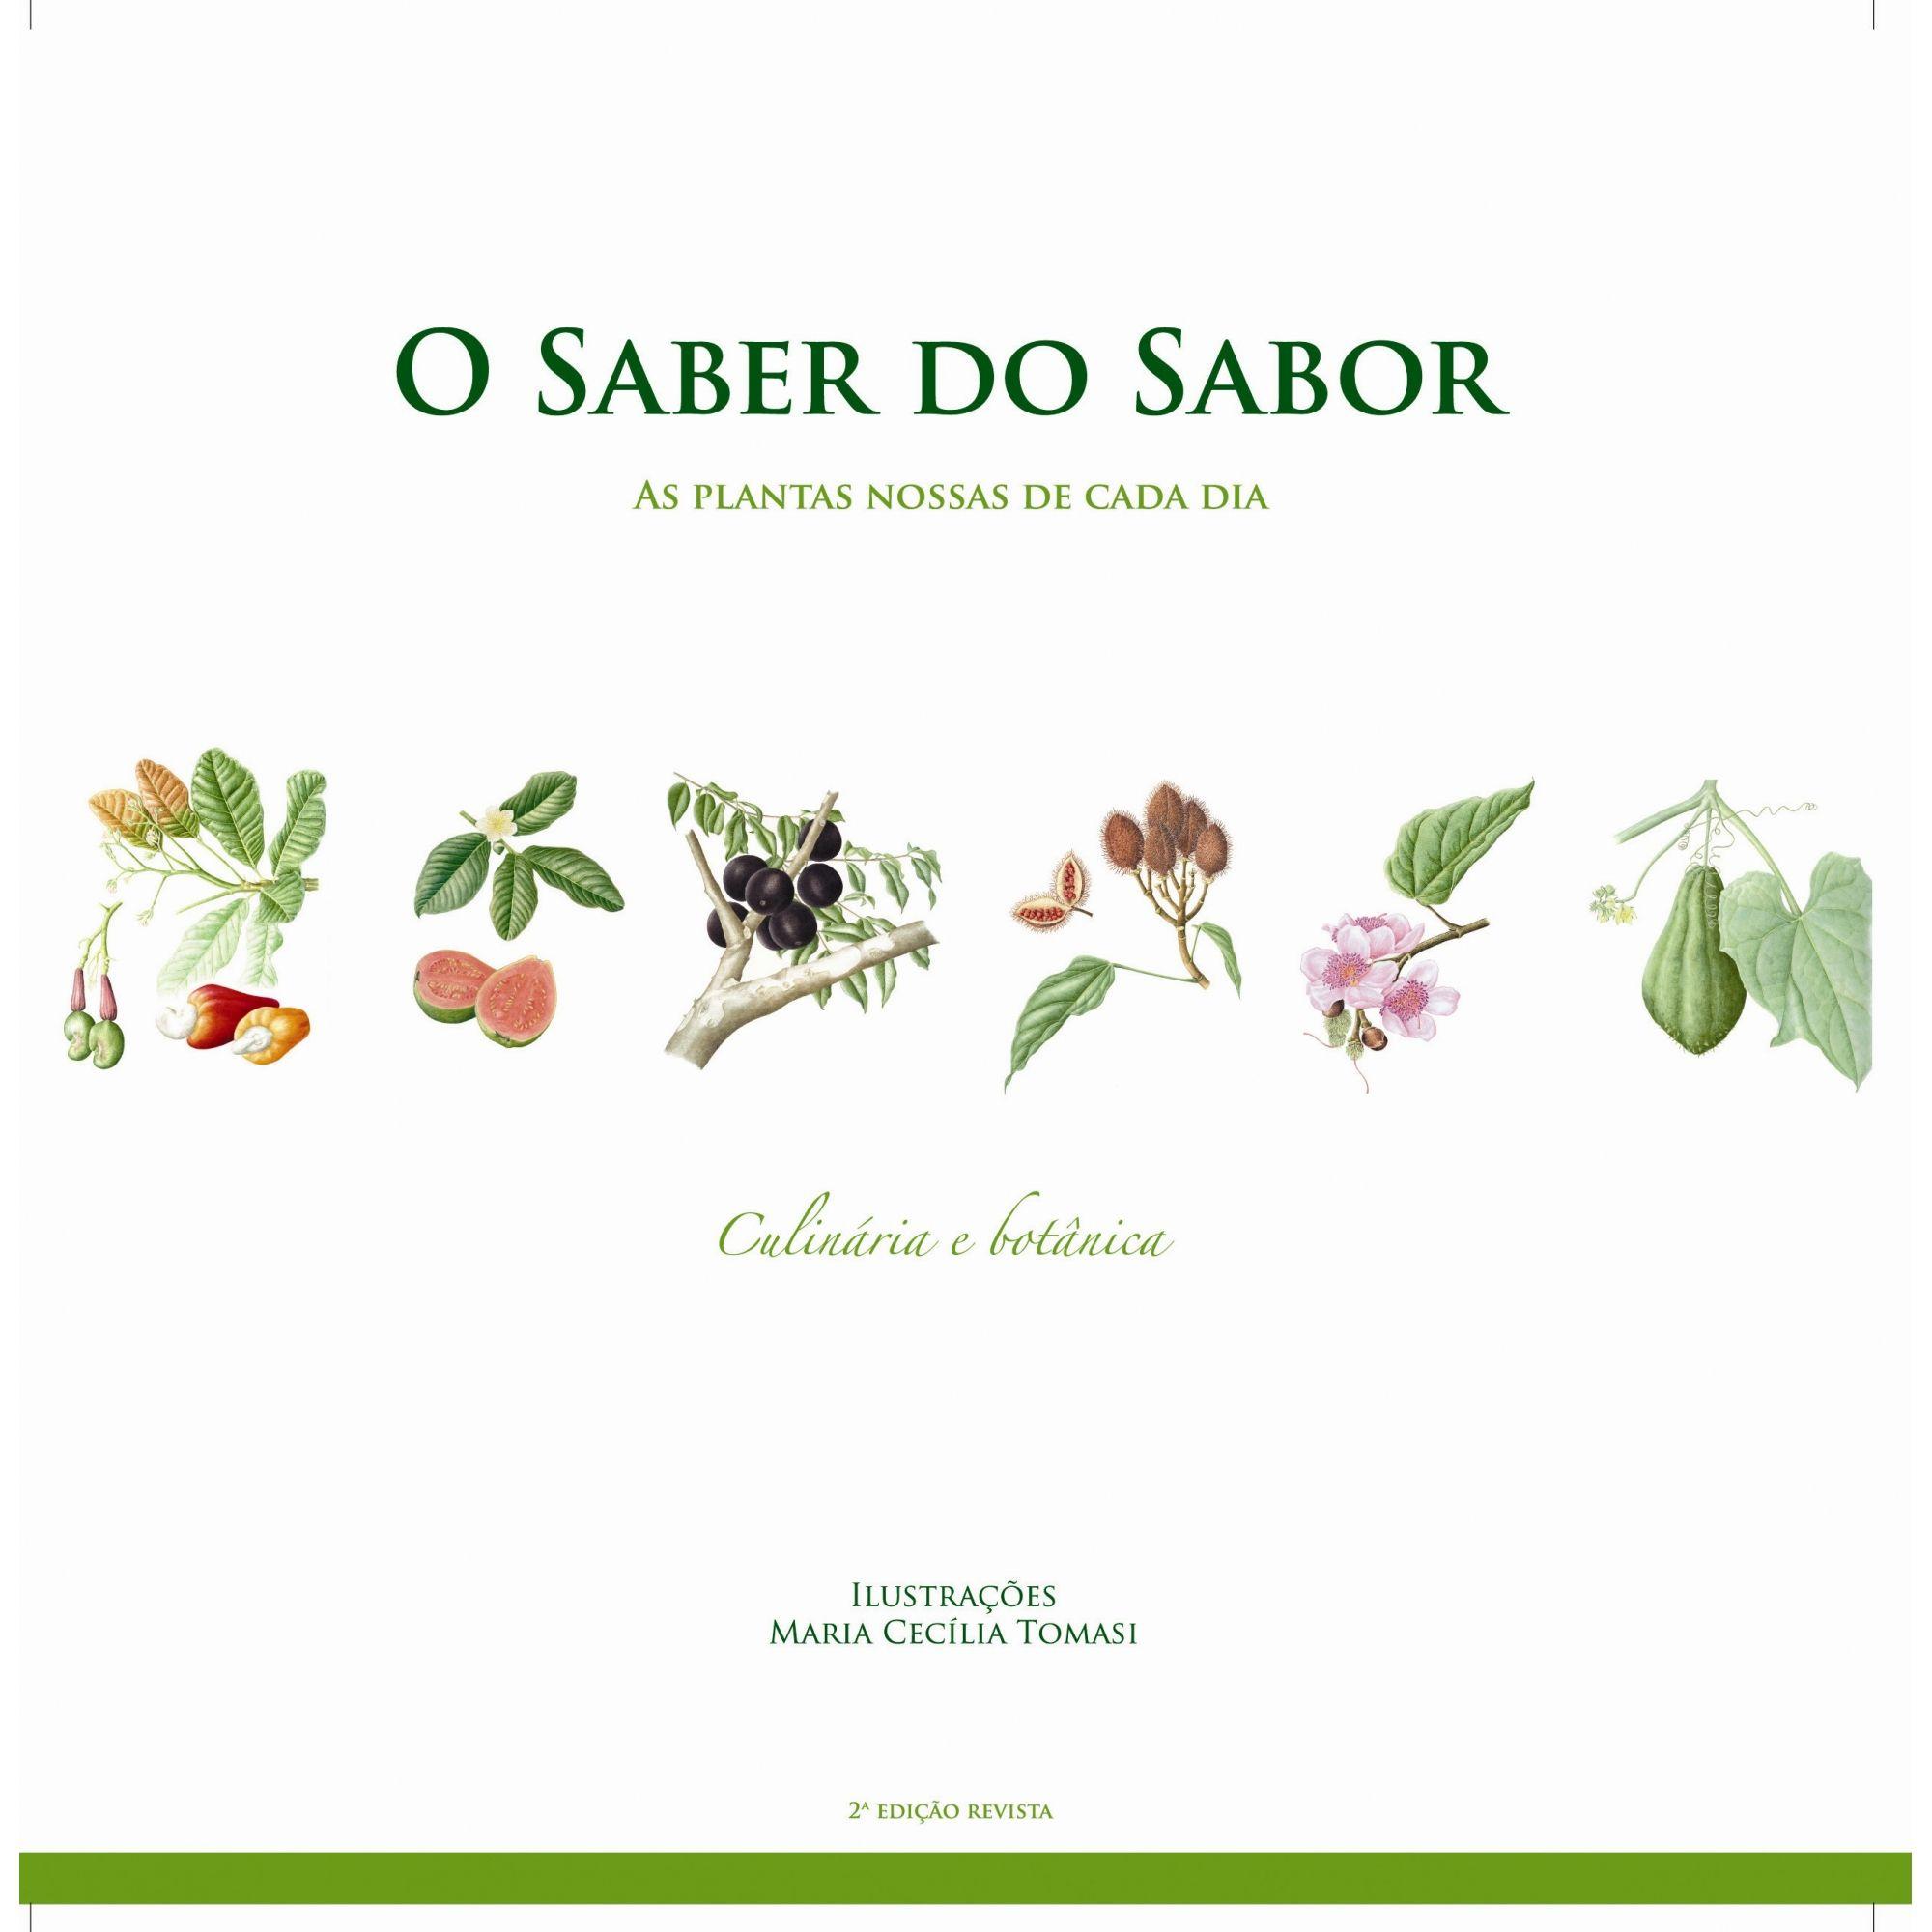 O SABER DO SABOR